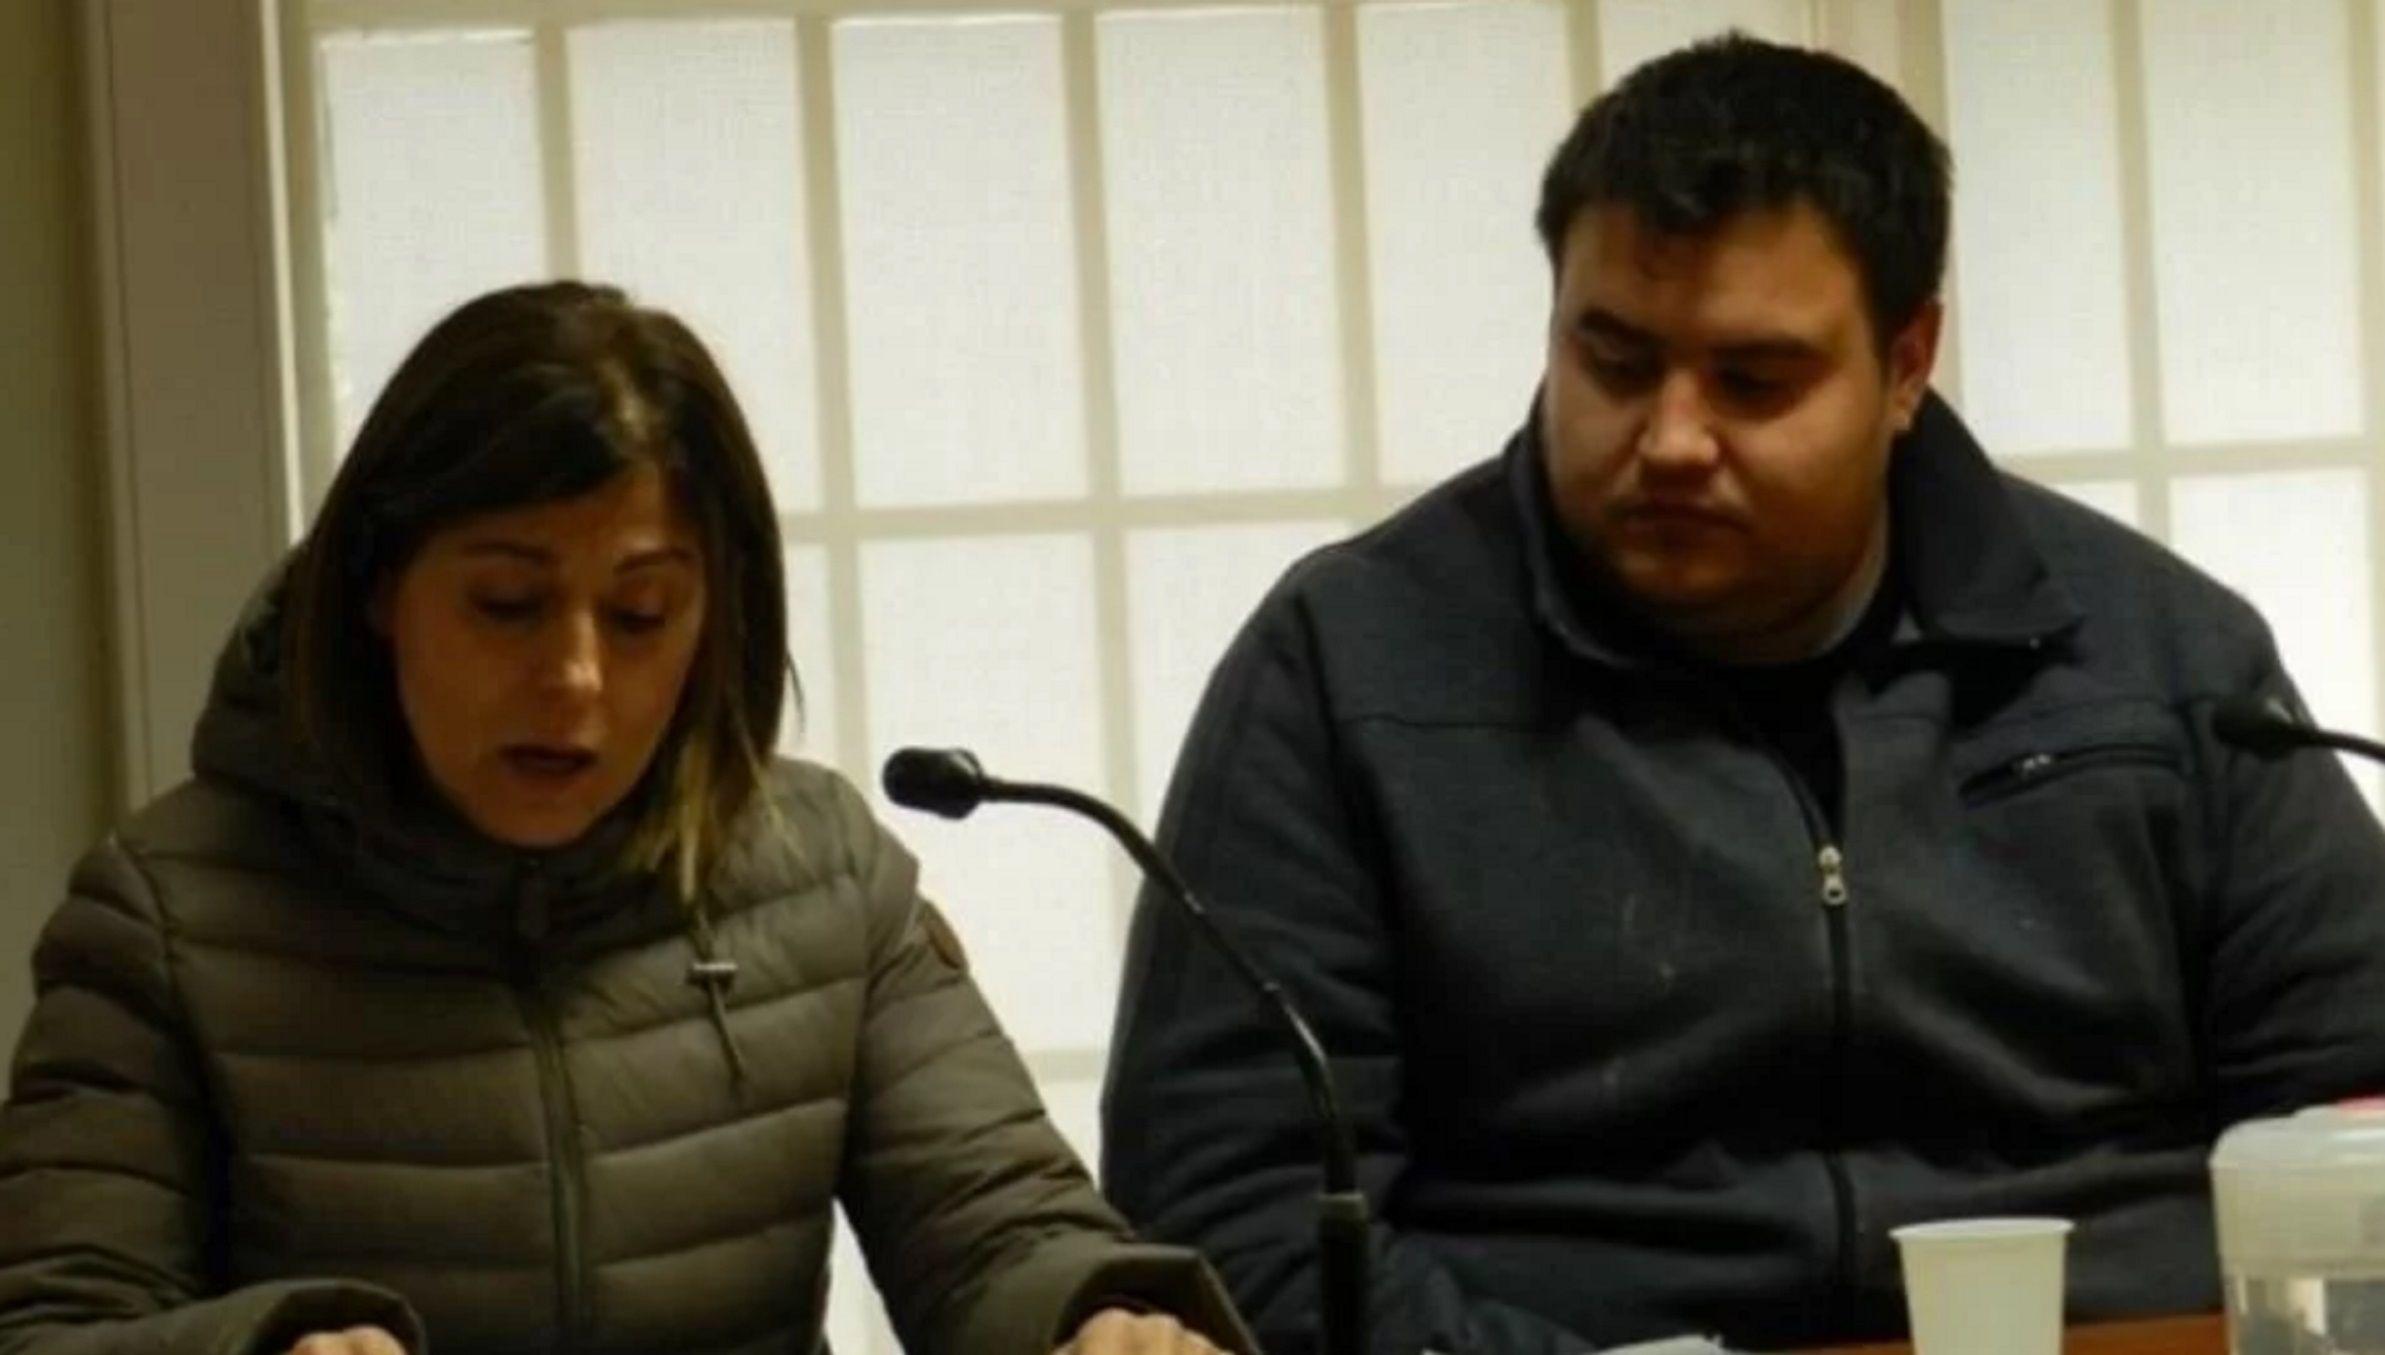 El detenido Diego Arévalo y su defensora Gladys del Balzo en la audiencia donde se pidió la salida semanal.